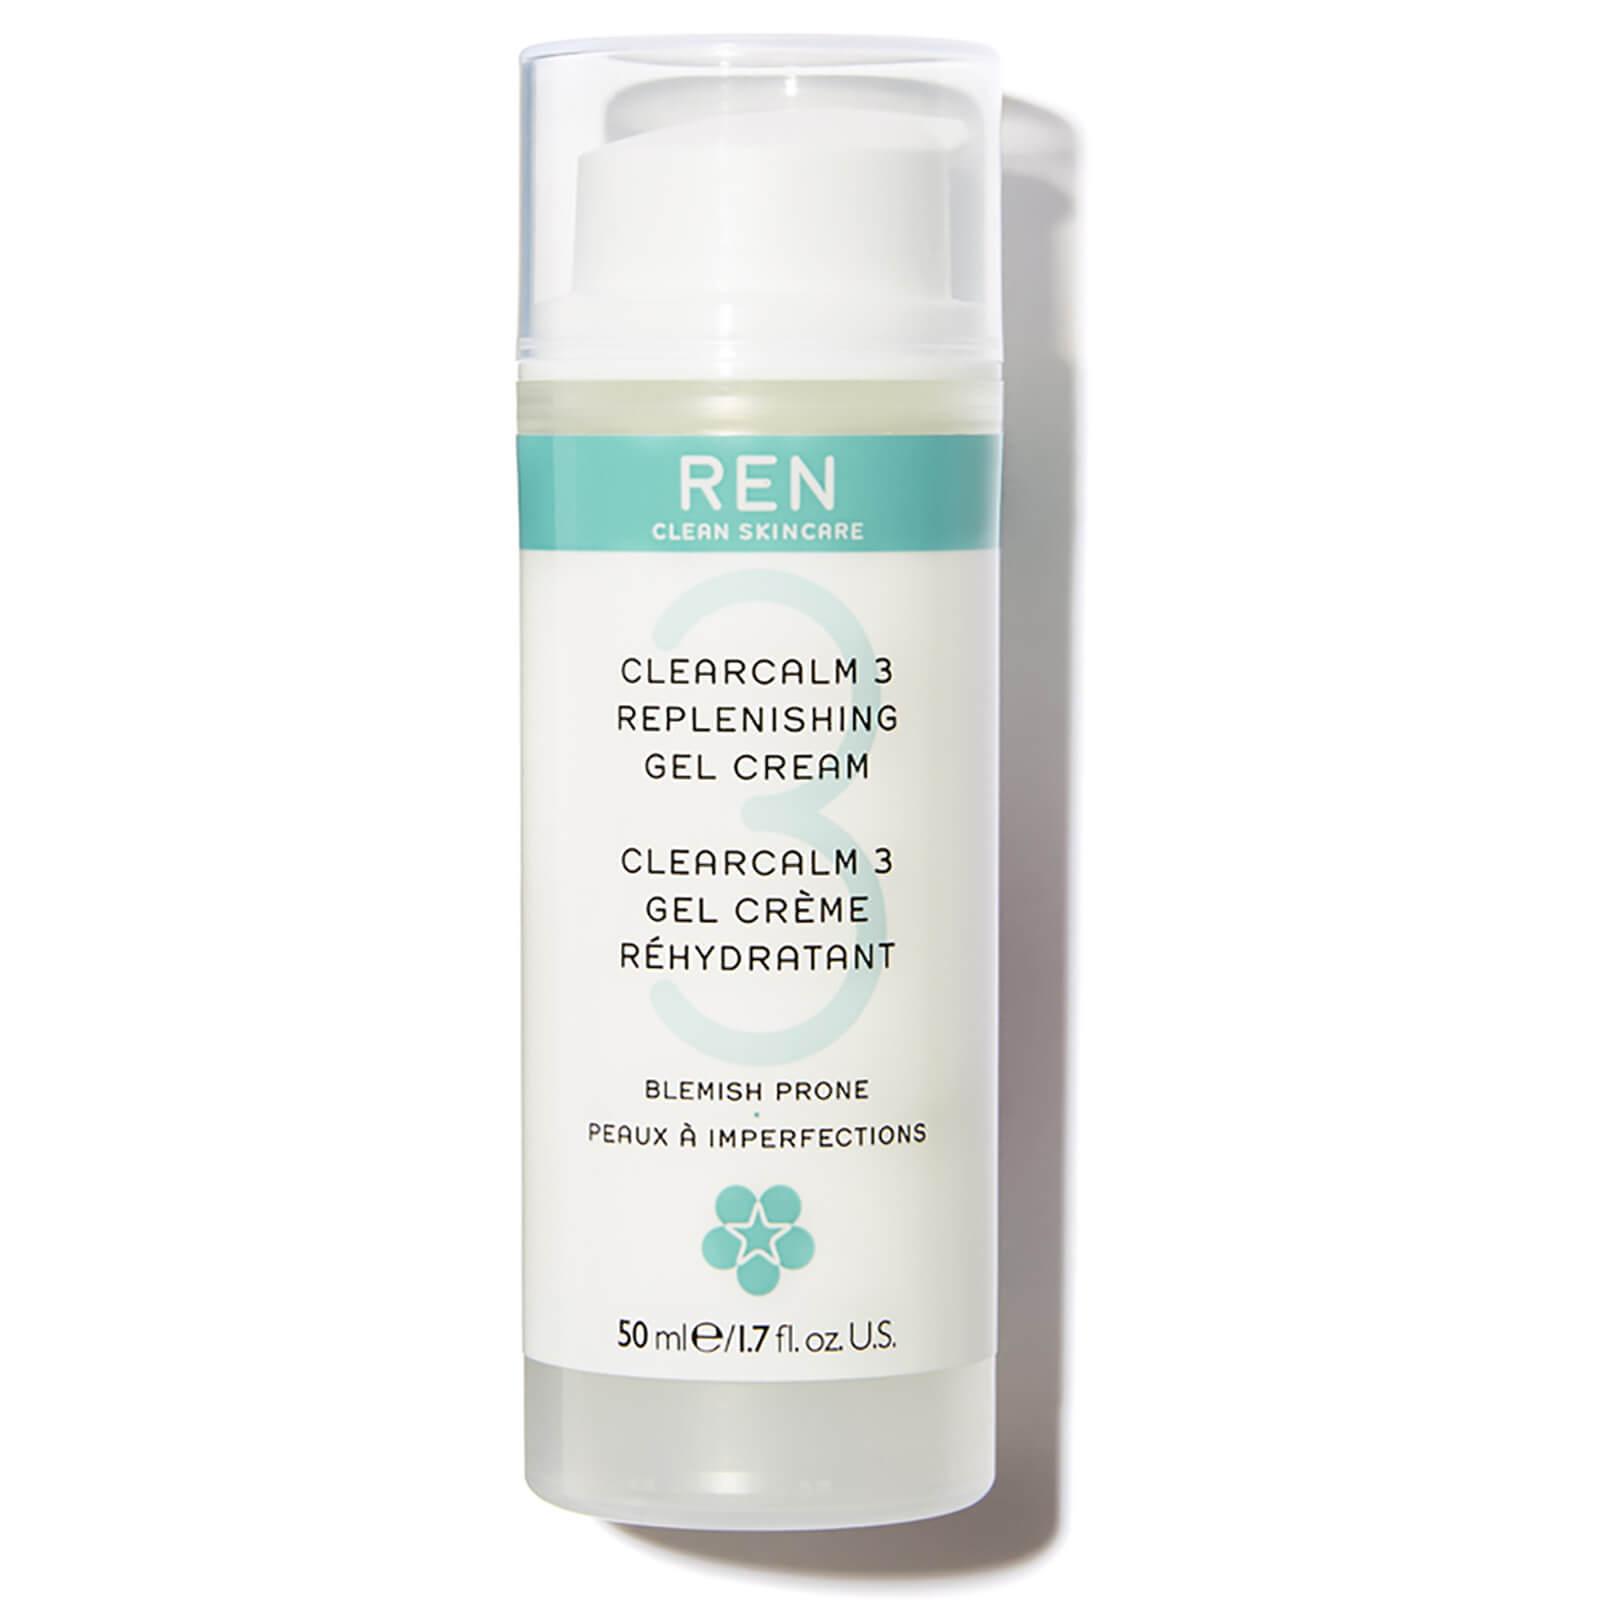 Crema Clear Calm reparadora y calmante de REN